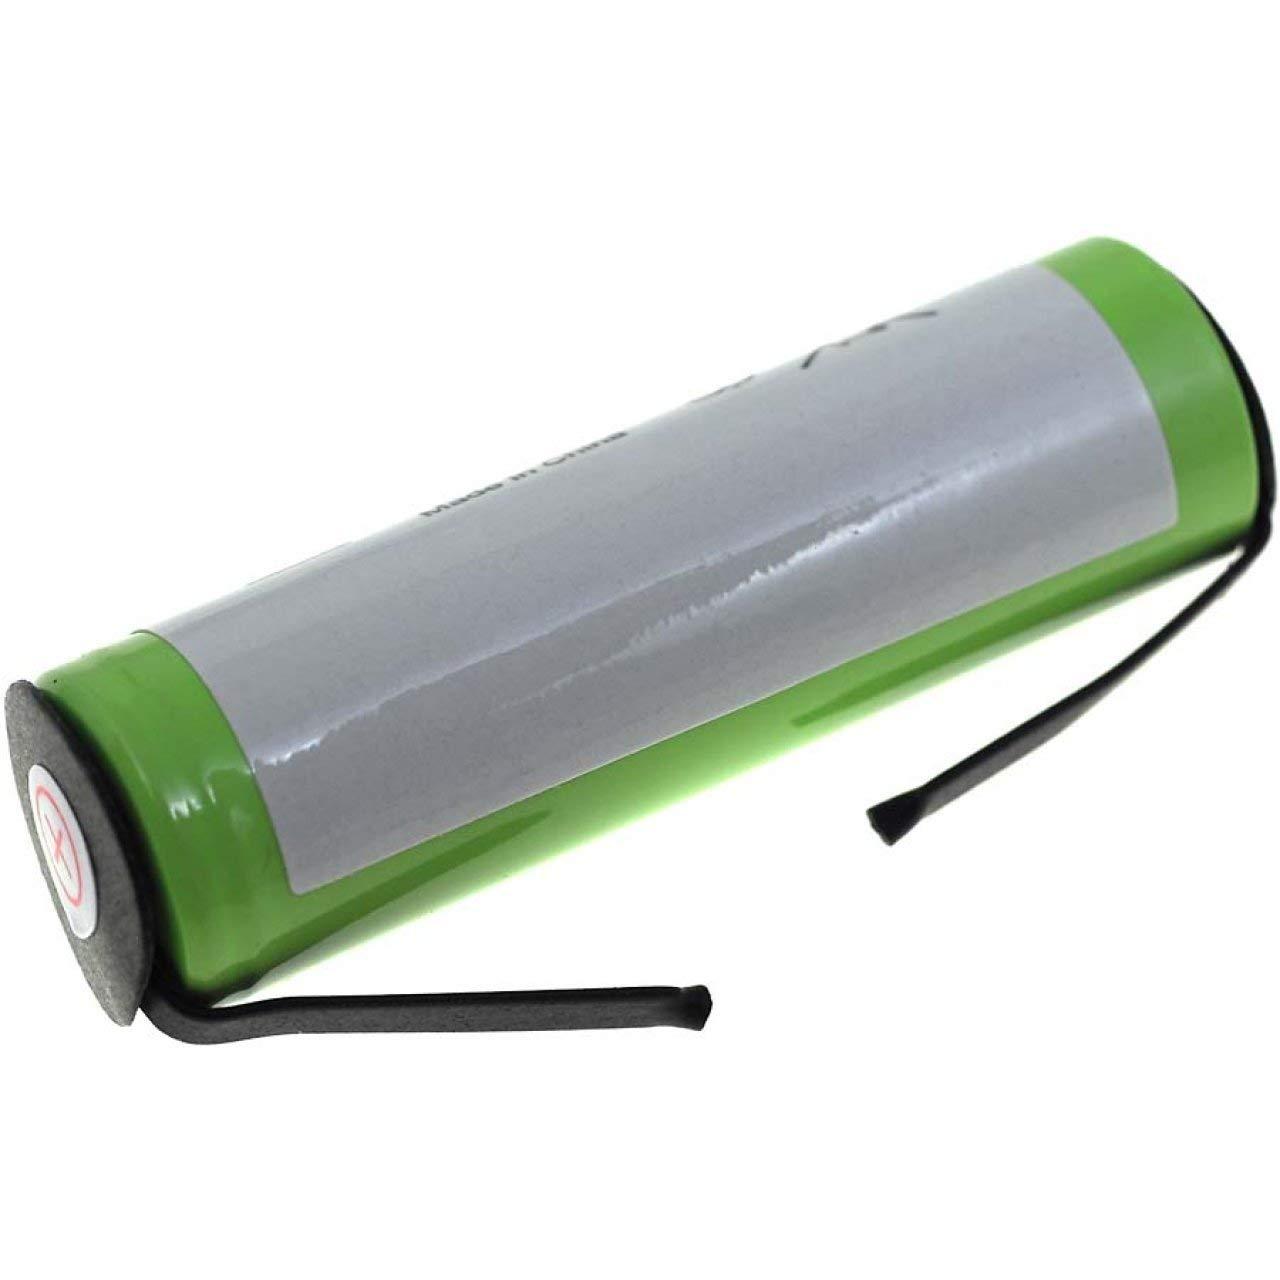 Batería para Afeitadora Philips HX6730: Amazon.es: Electrónica